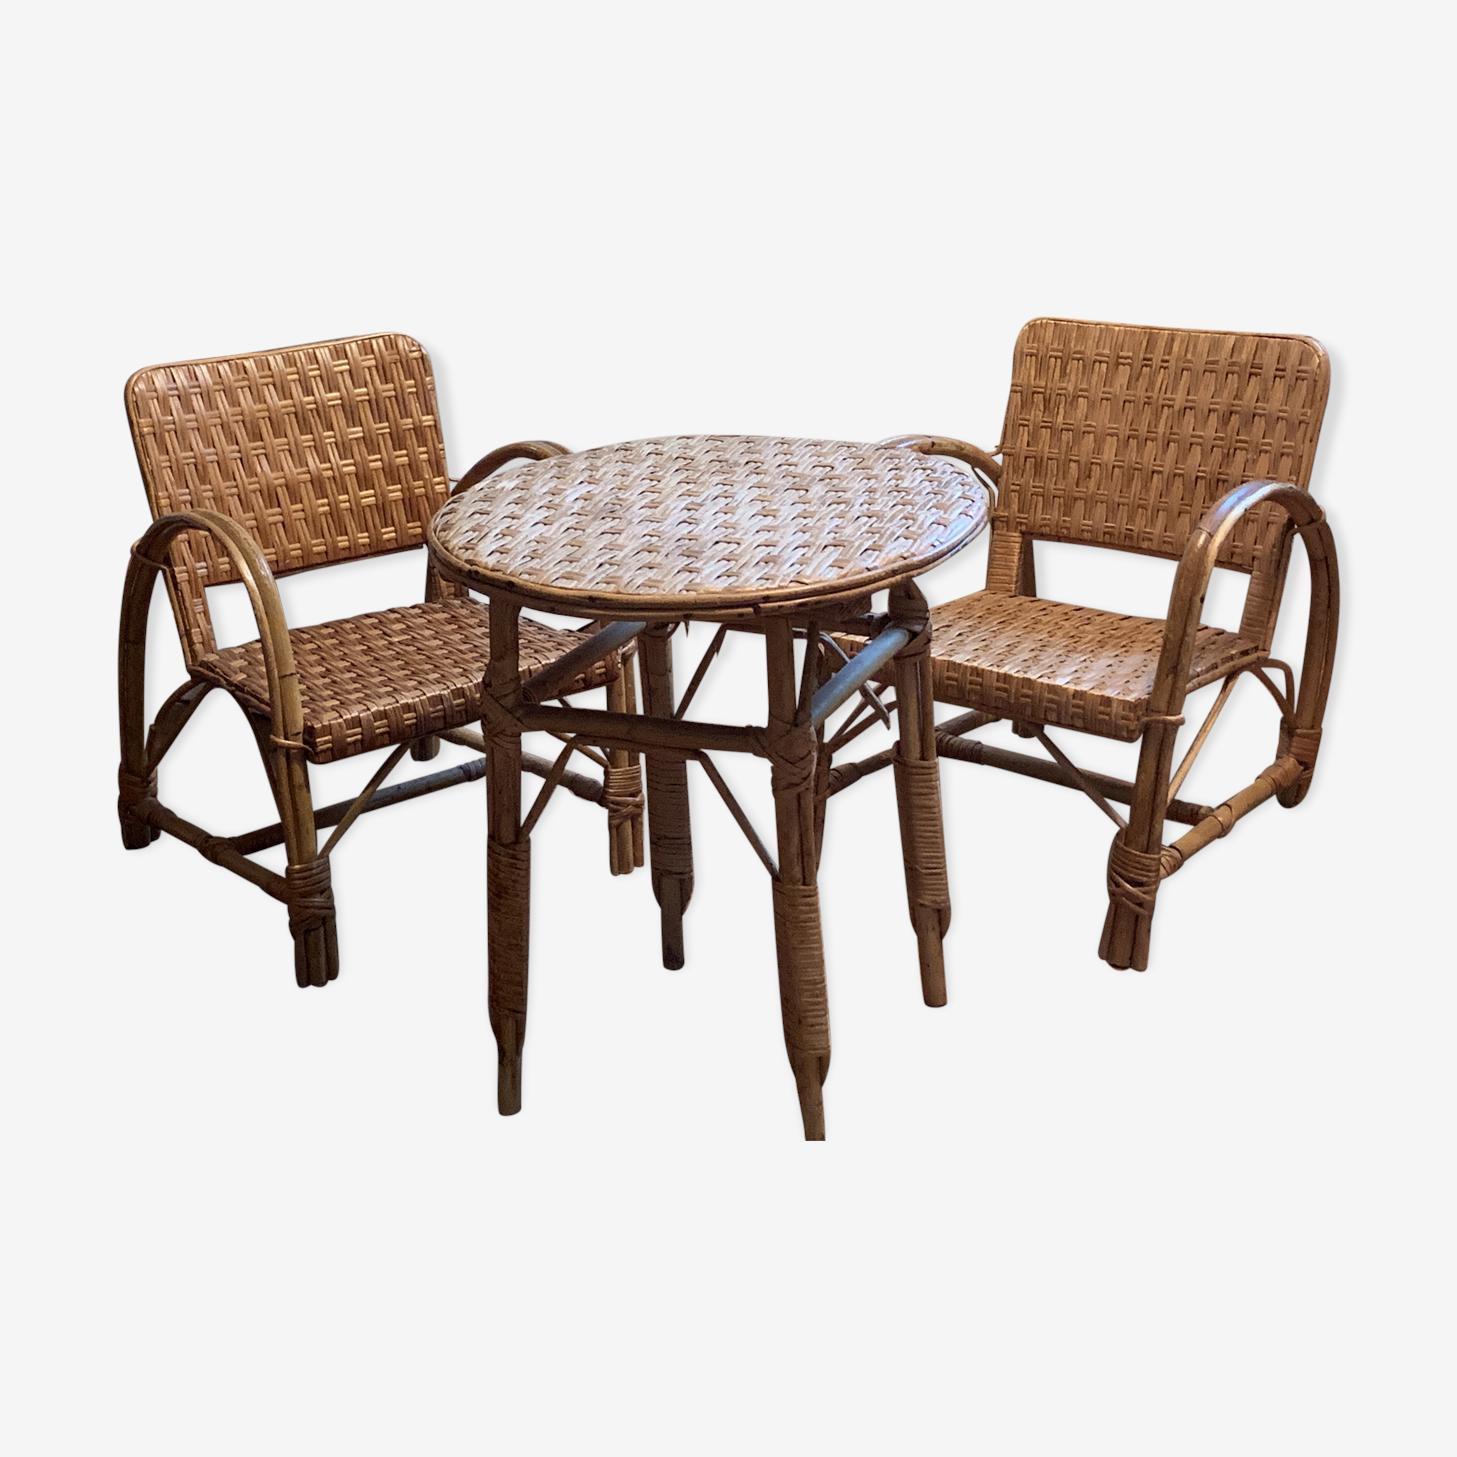 Ensemble de deux fauteuils et table en osier et rotin